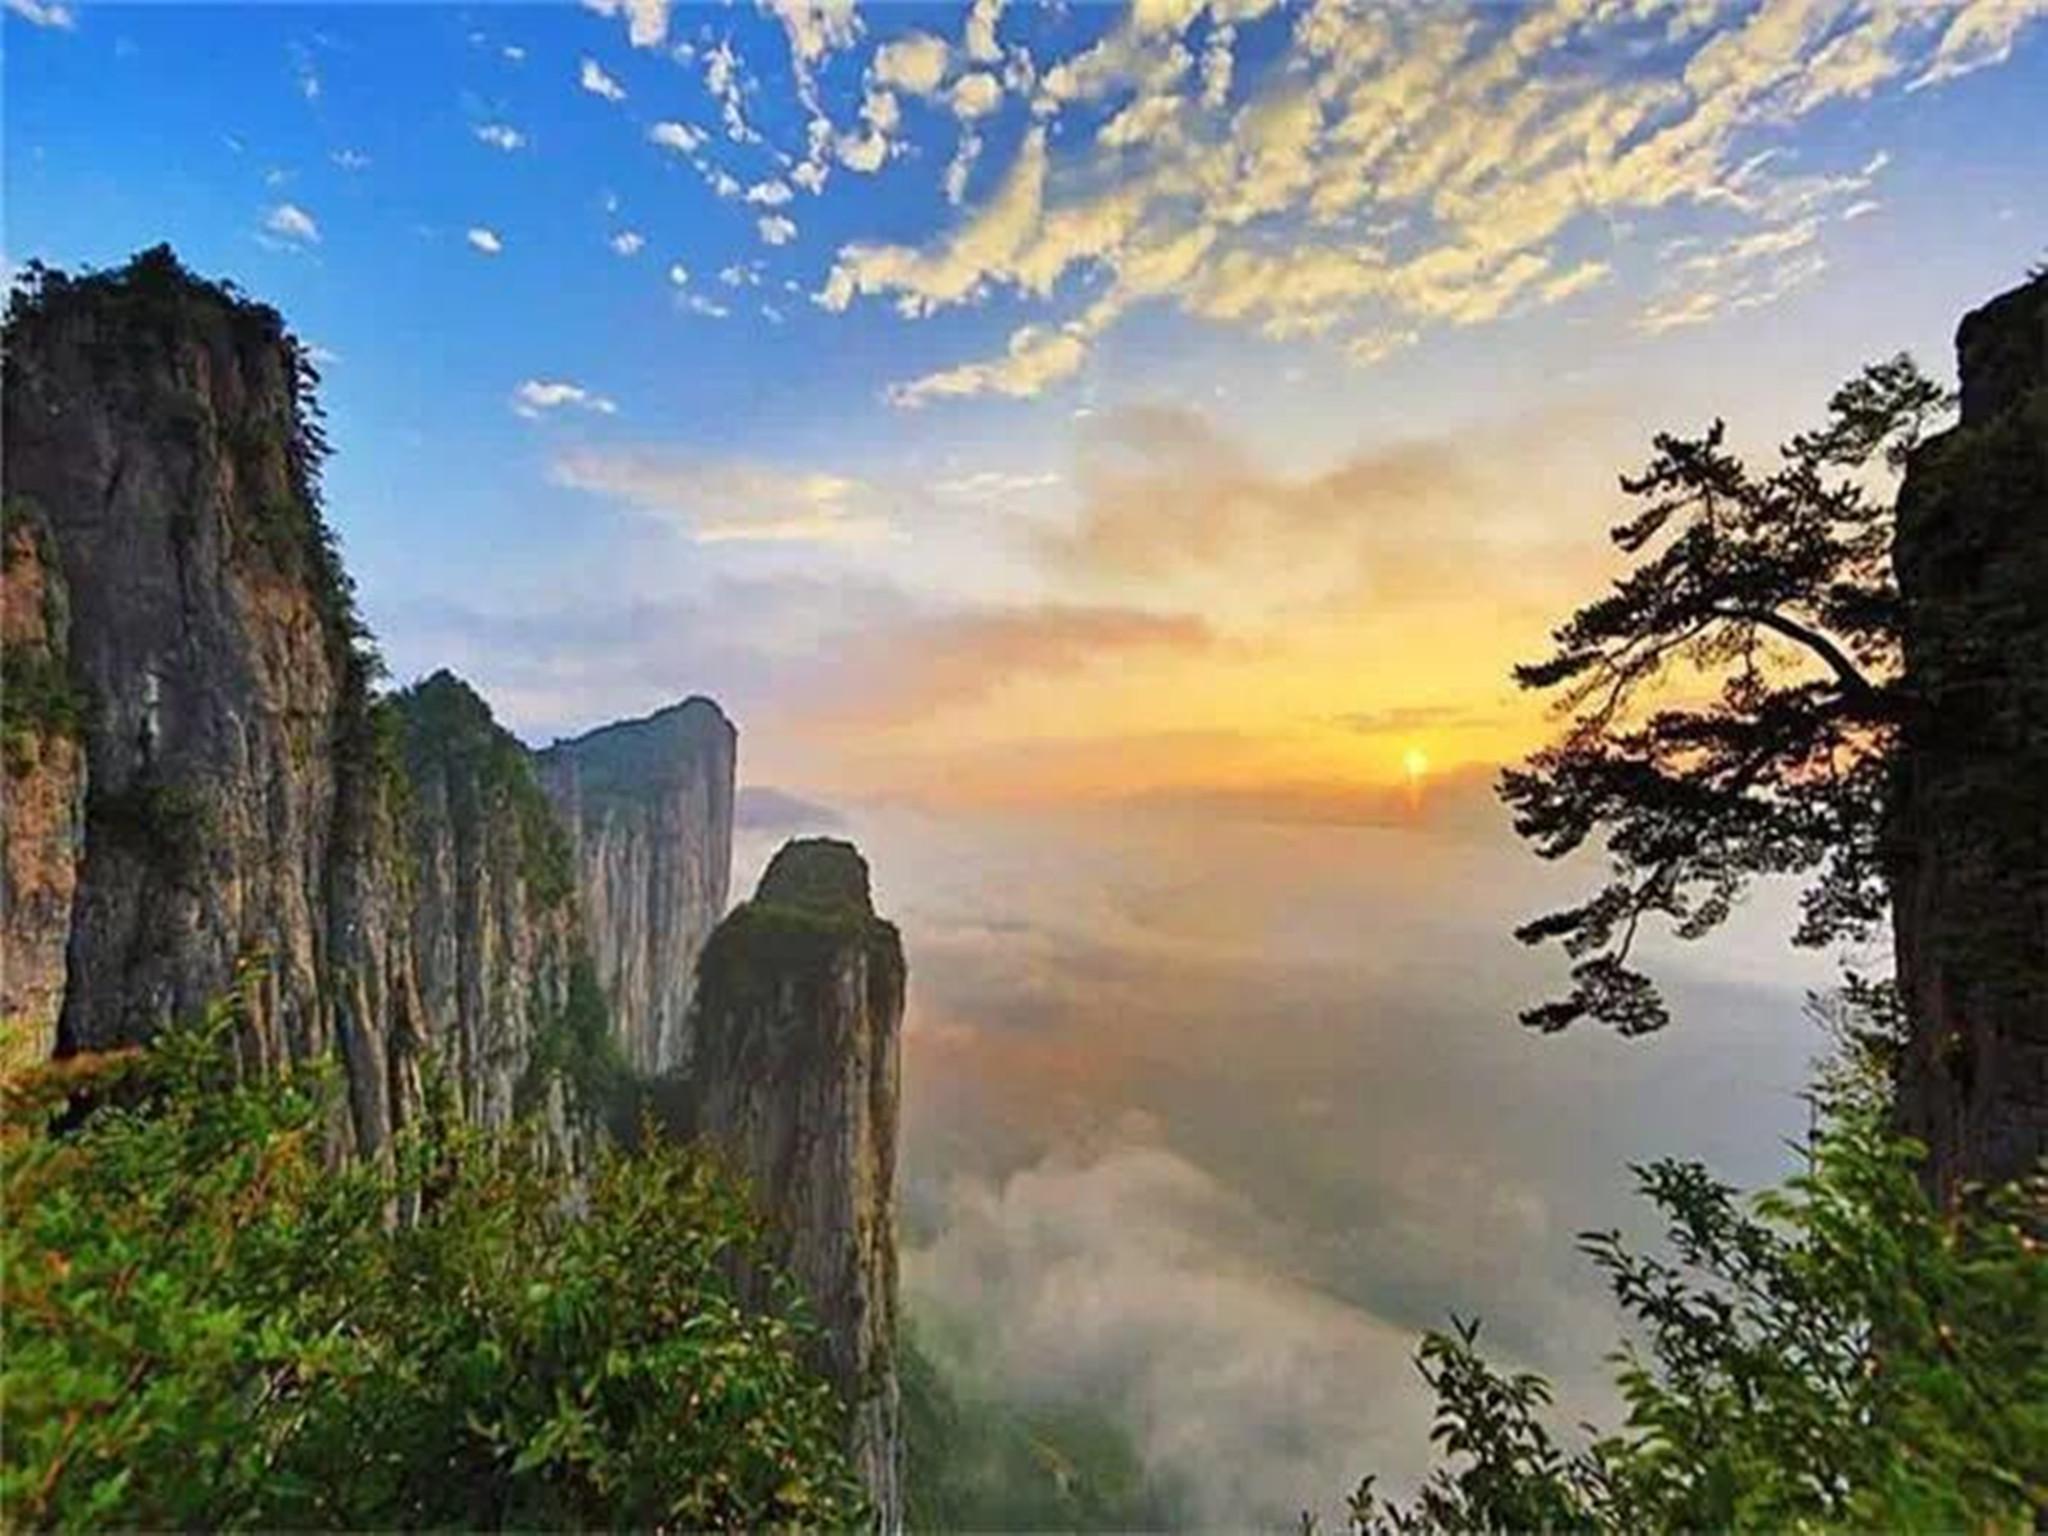 恩施大峡谷-梭布垭石林-土司皇城-土家女儿城-恩施大清江北京双高5日跟团游